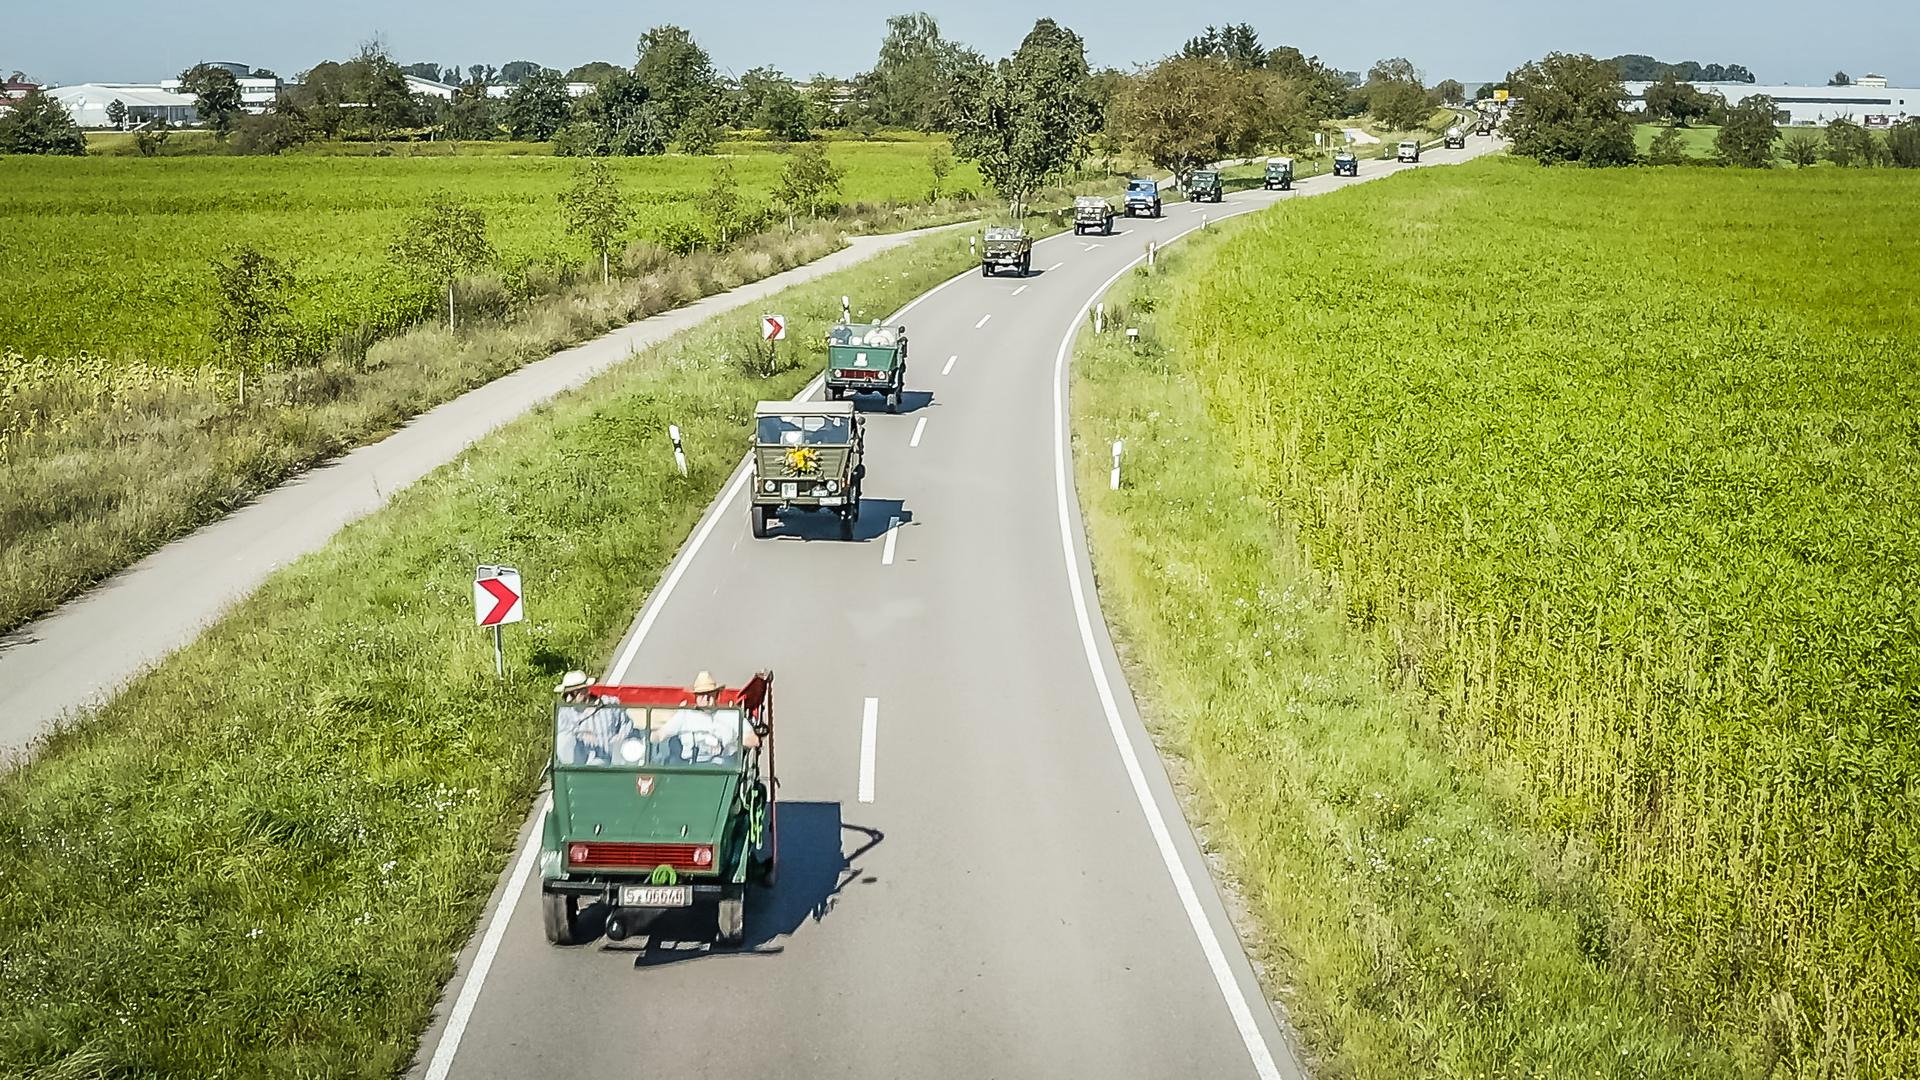 Ein rollendes Museum, bestehend aus rund 75 Fahrzeugen sämtlicher Unimog-Baureihen, präsentierte am Samstag die bewegte Geschichte eines legendären Fahrzeuges.